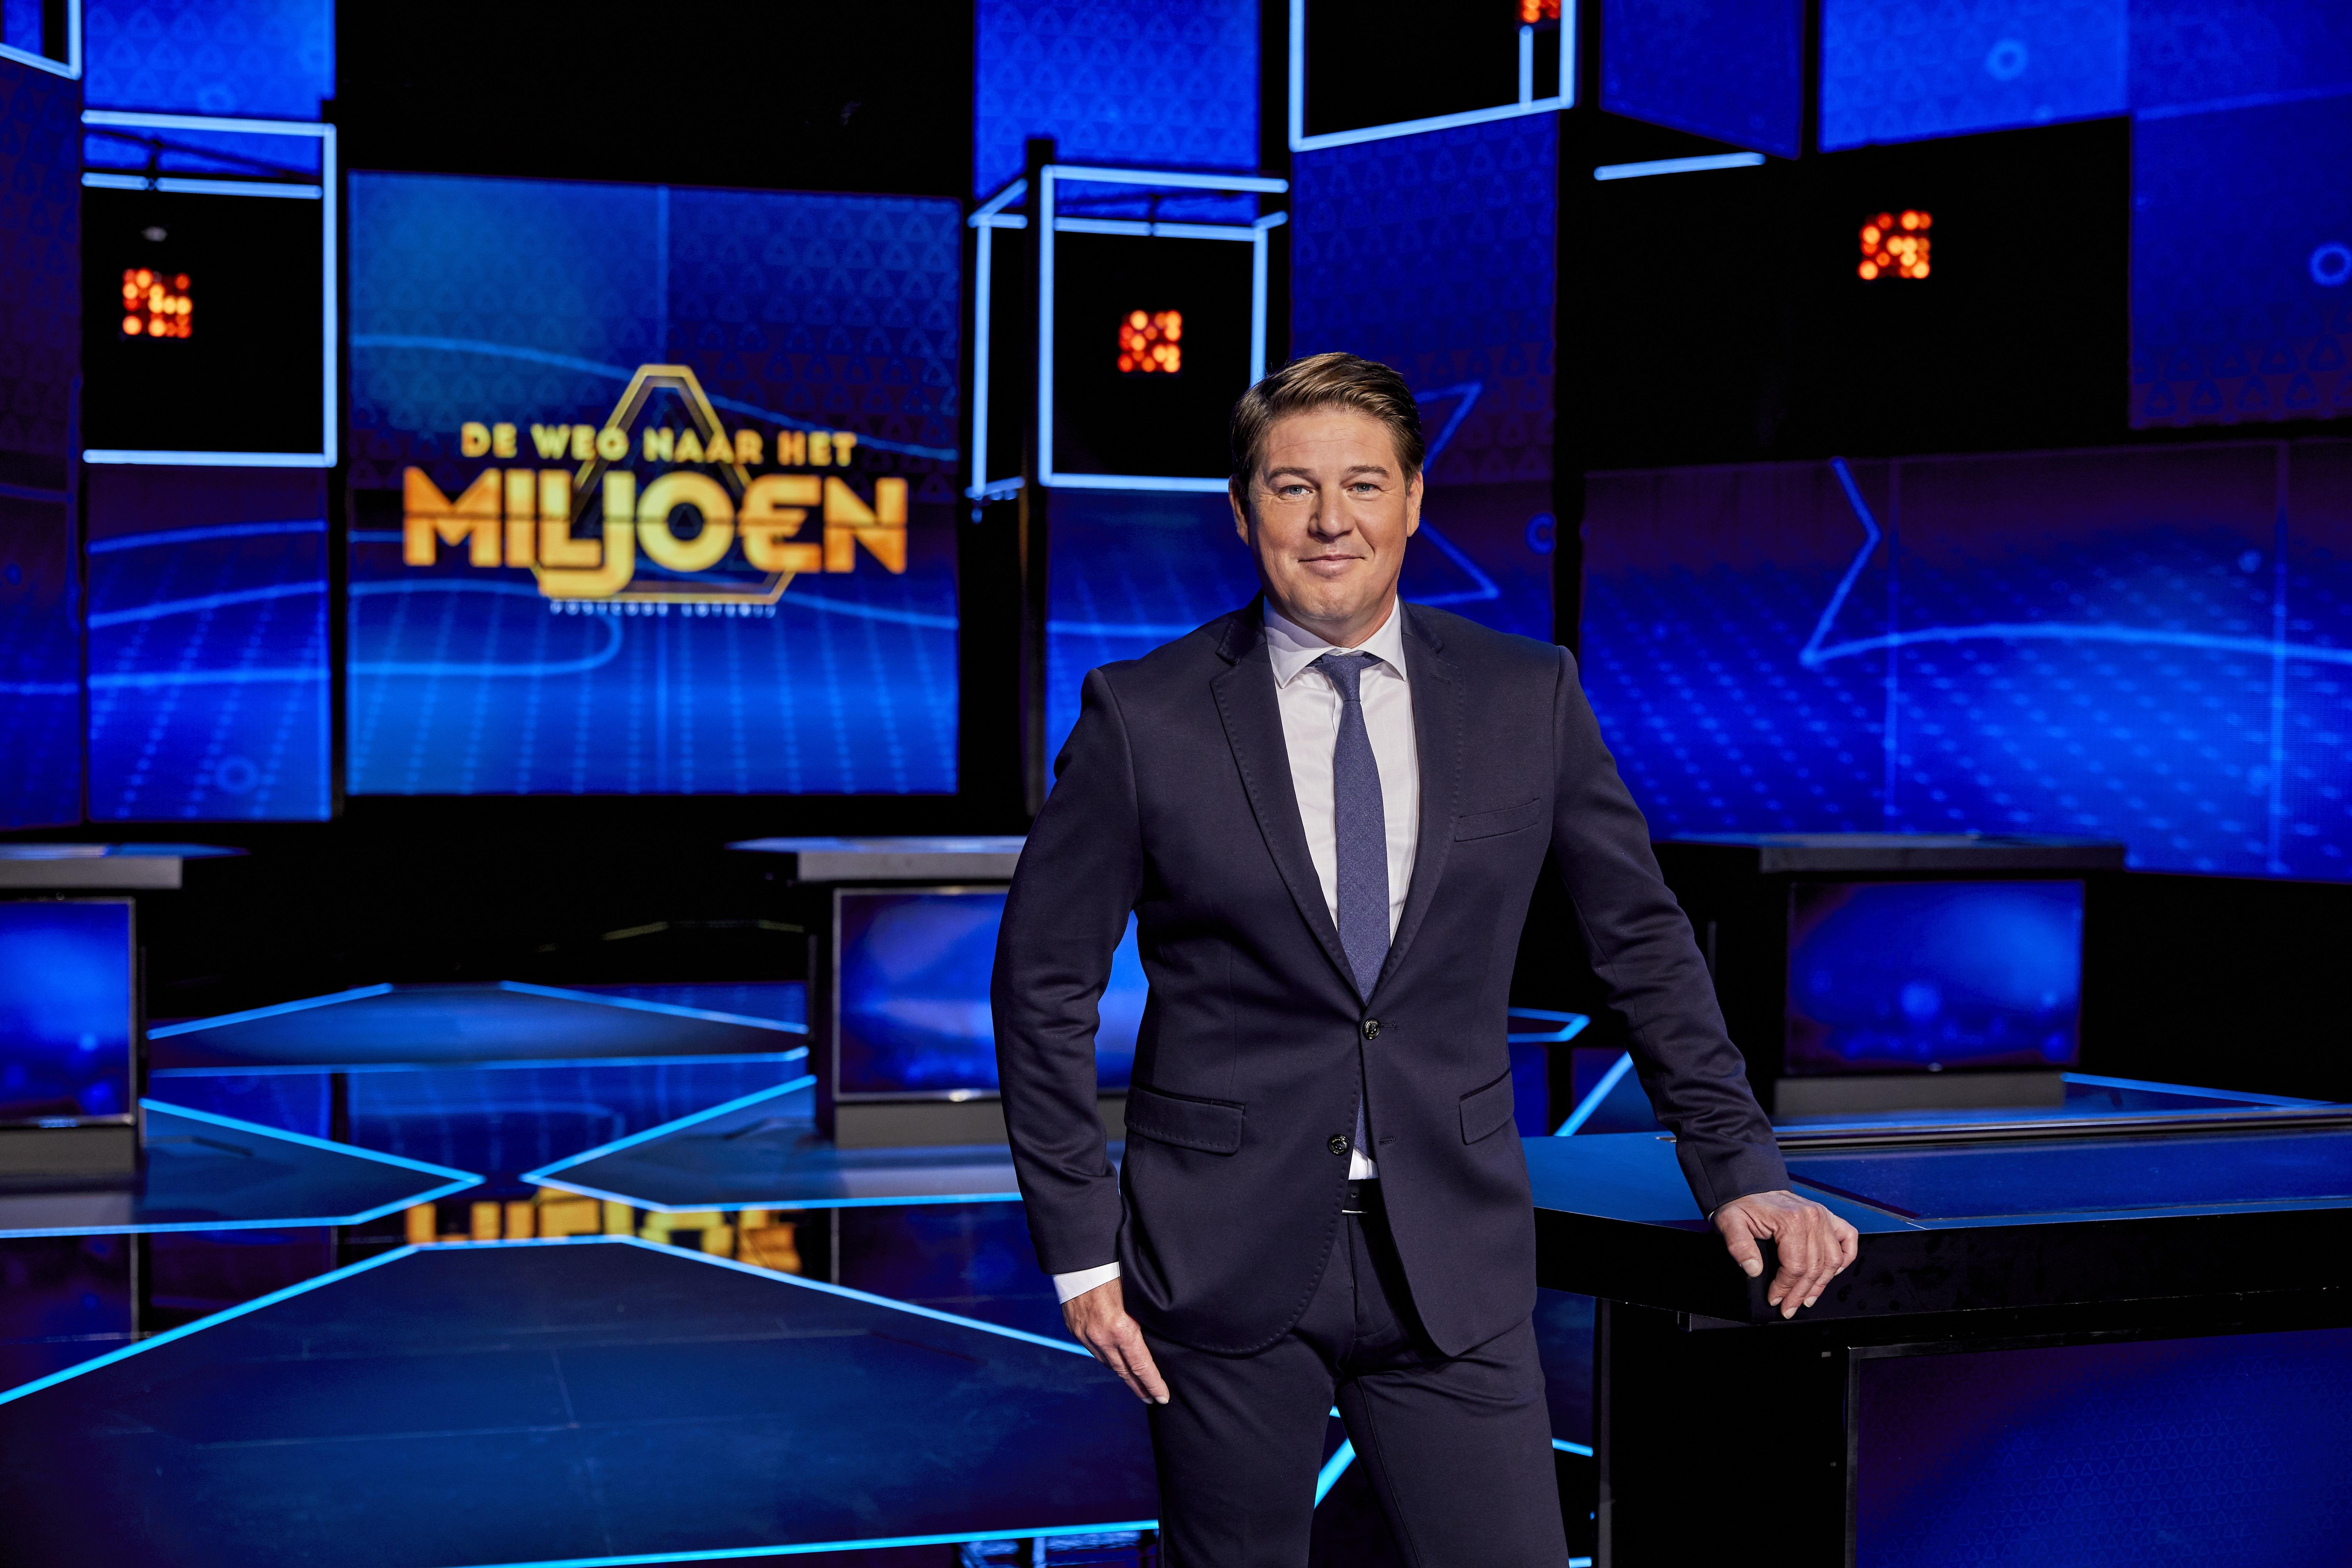 Martijn Krabbé presenteert 'Postcode Loterij De Weg naar het Miljoen'. (Foto: William Rutten)